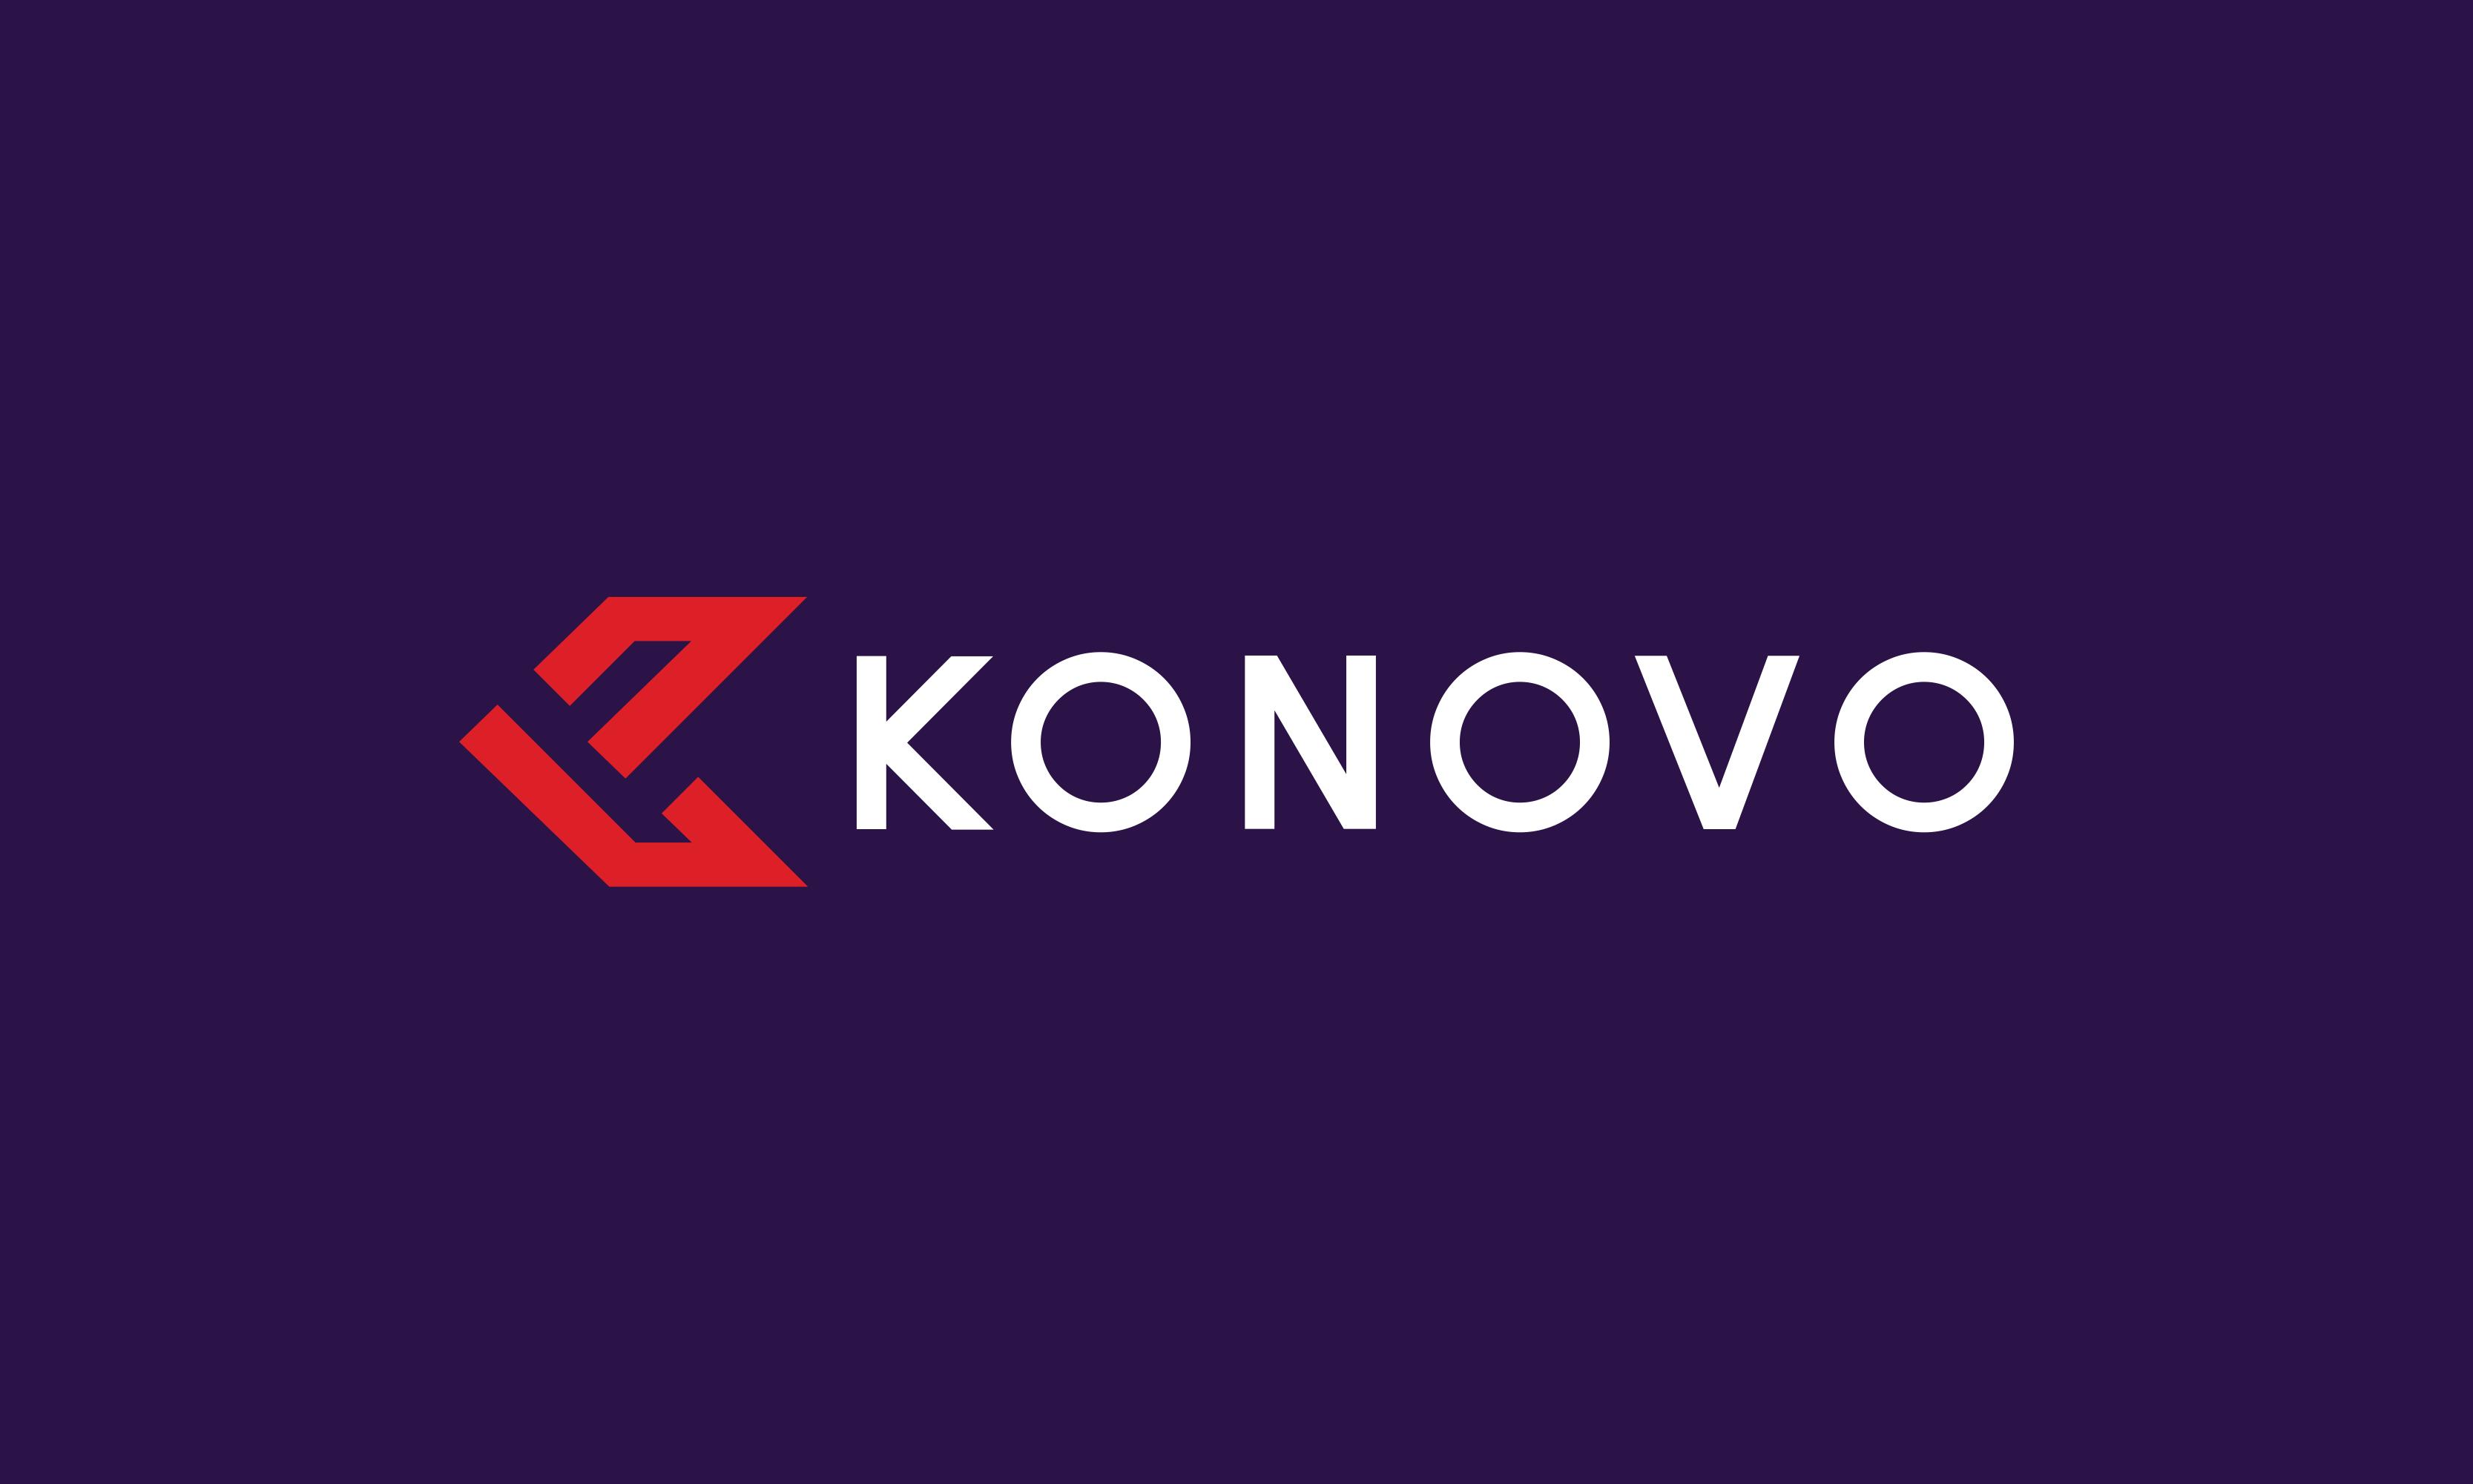 konovo logo